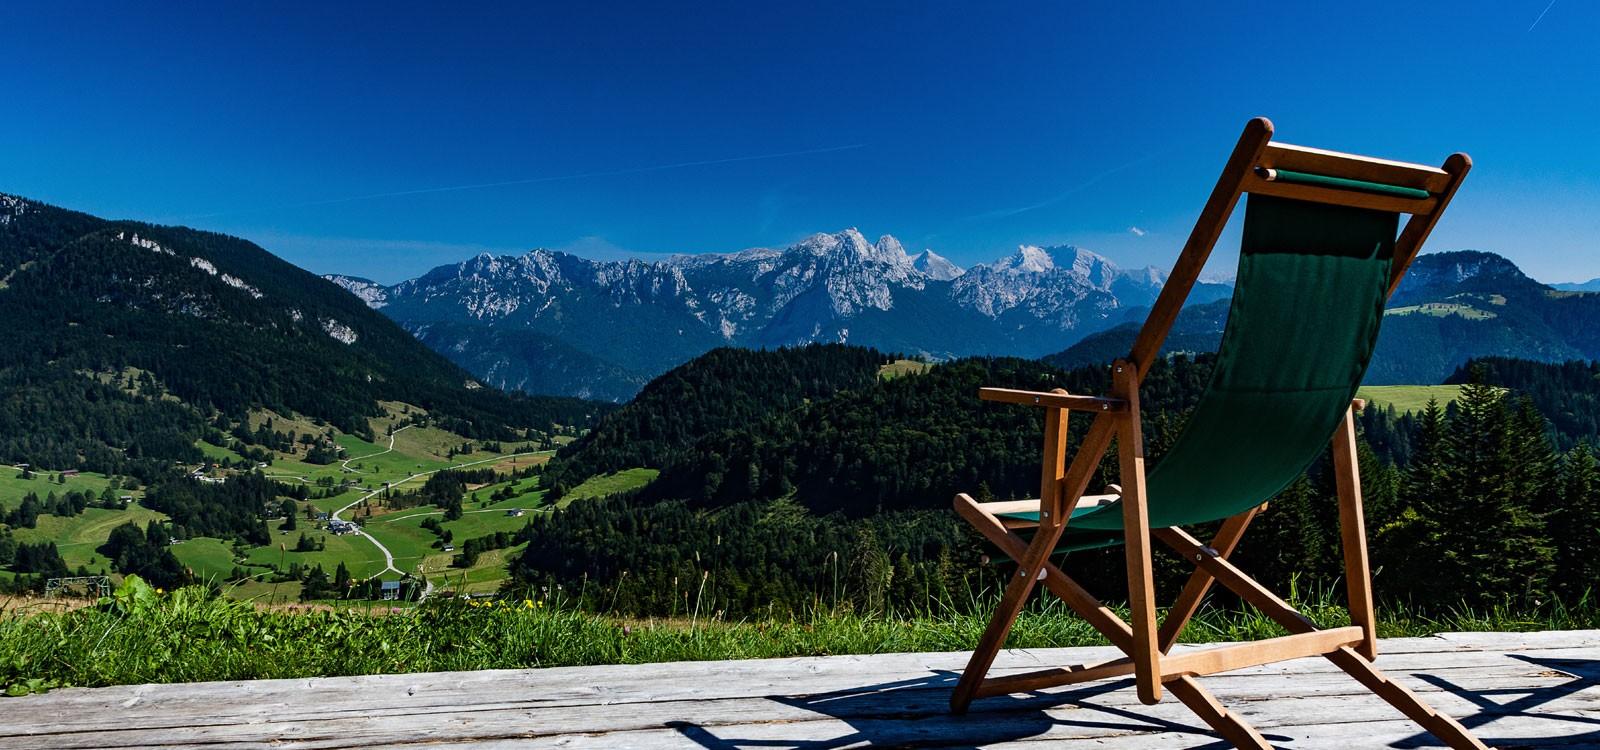 Berchtesgaden Alm